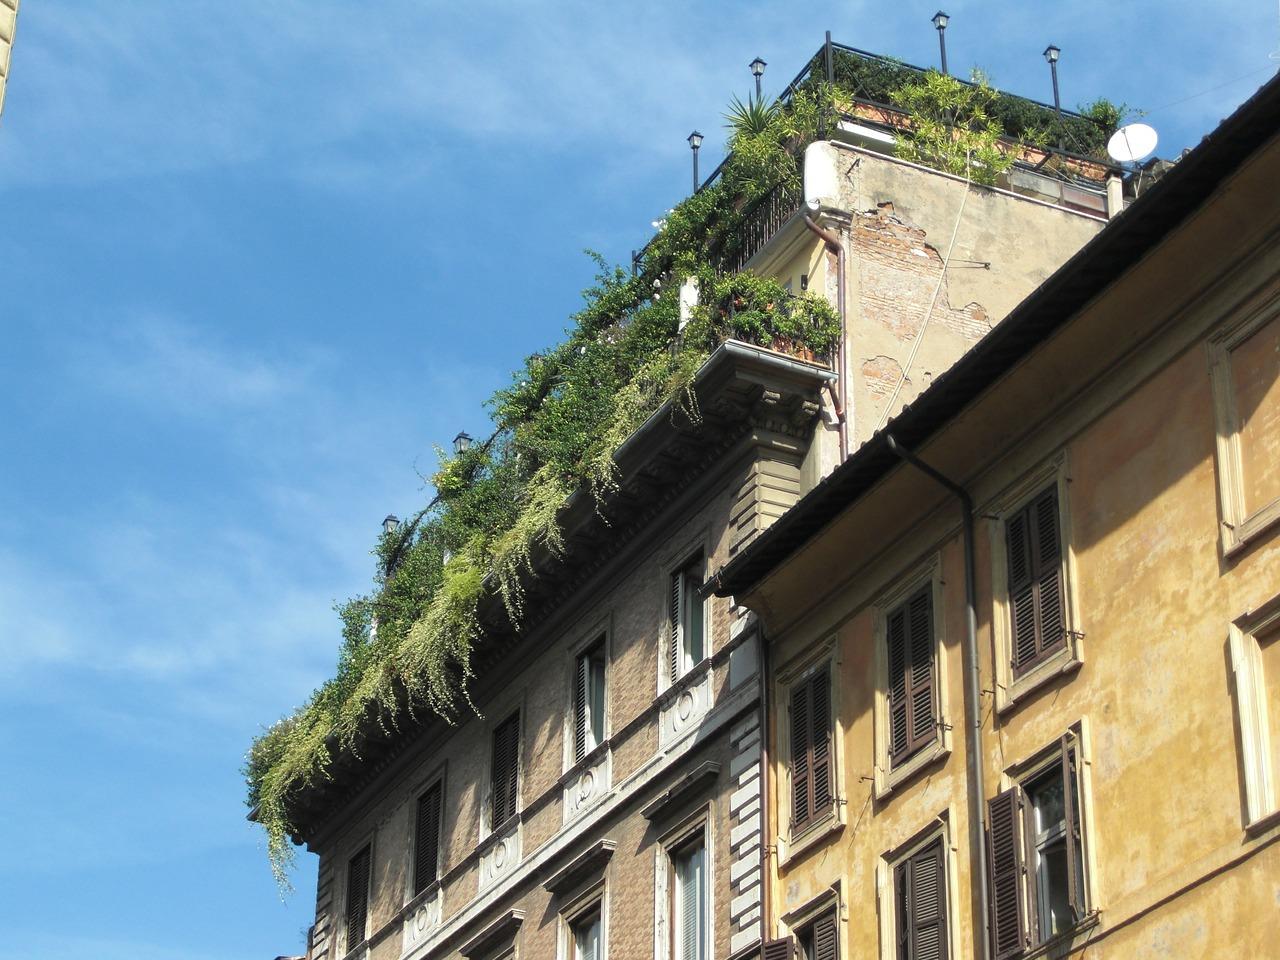 roof-garden-457947_1280